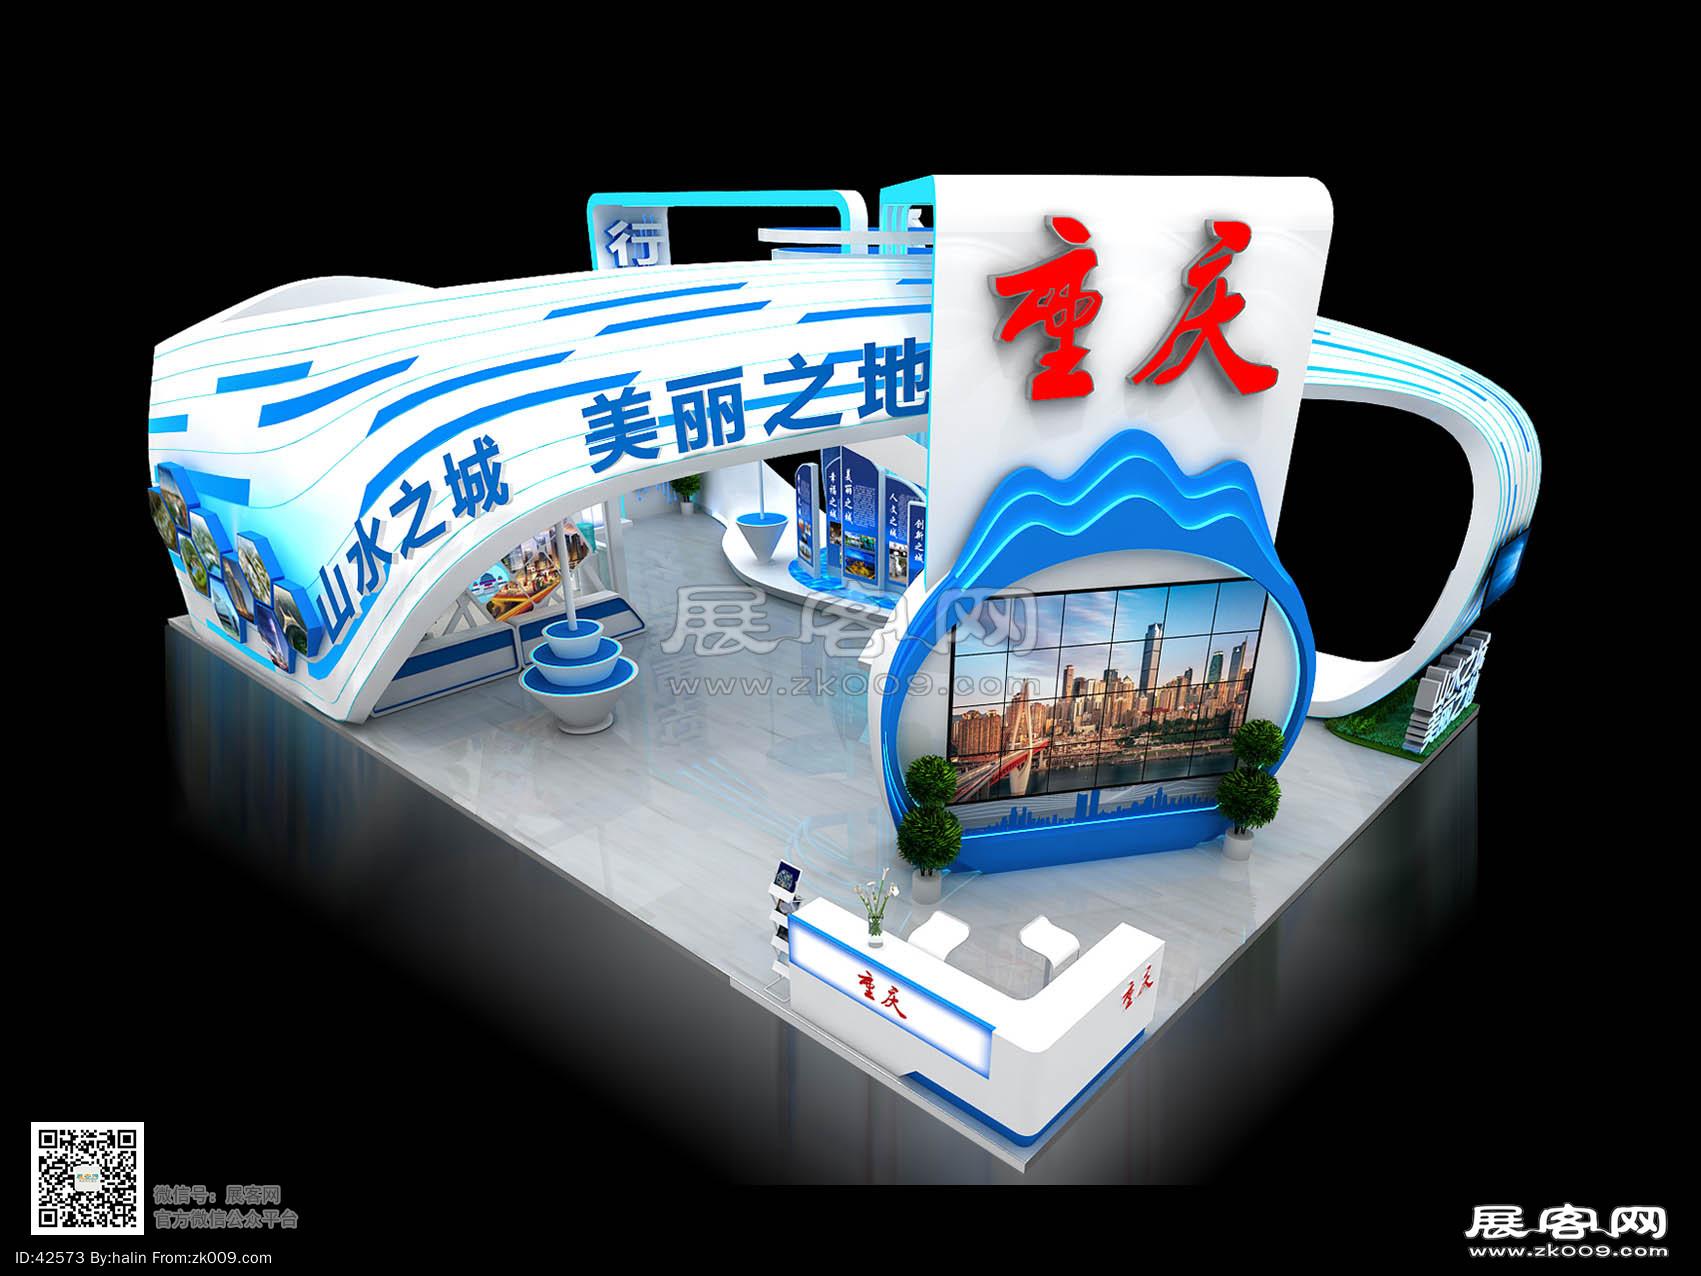 重庆展团展览模型